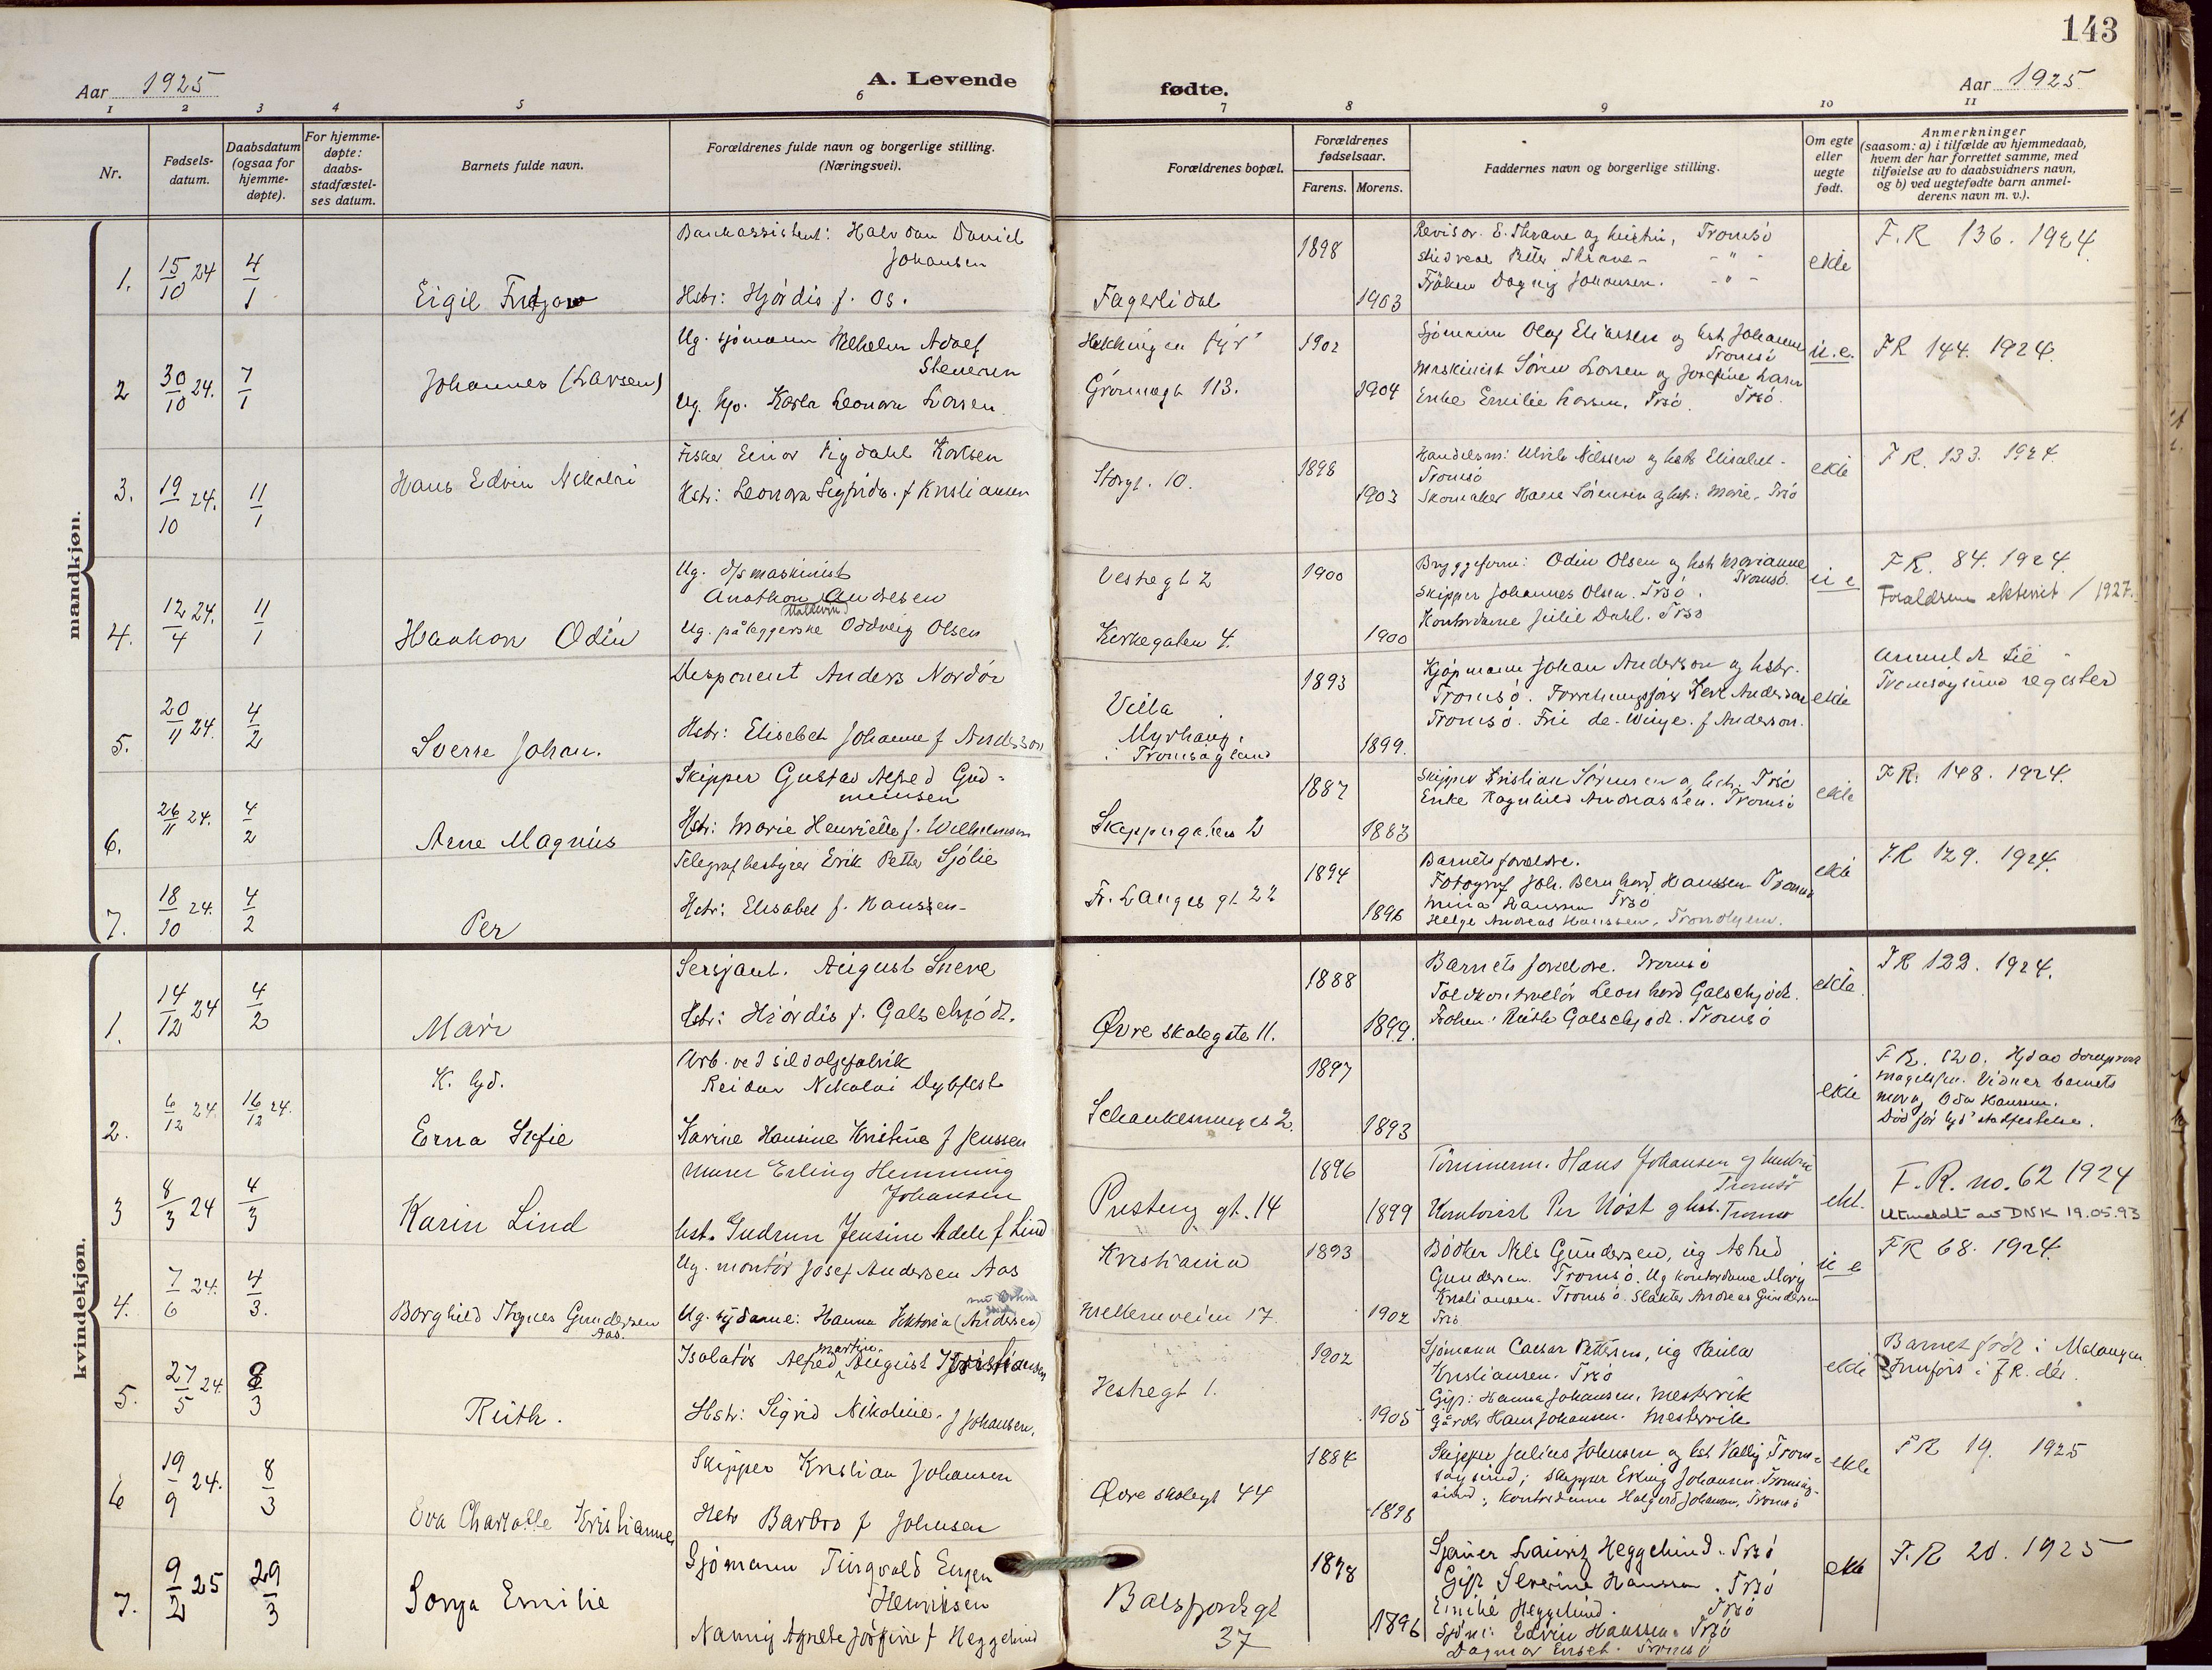 SATØ, Tromsø sokneprestkontor/stiftsprosti/domprosti, G/Ga/L0019kirke: Ministerialbok nr. 19, 1917-1927, s. 143